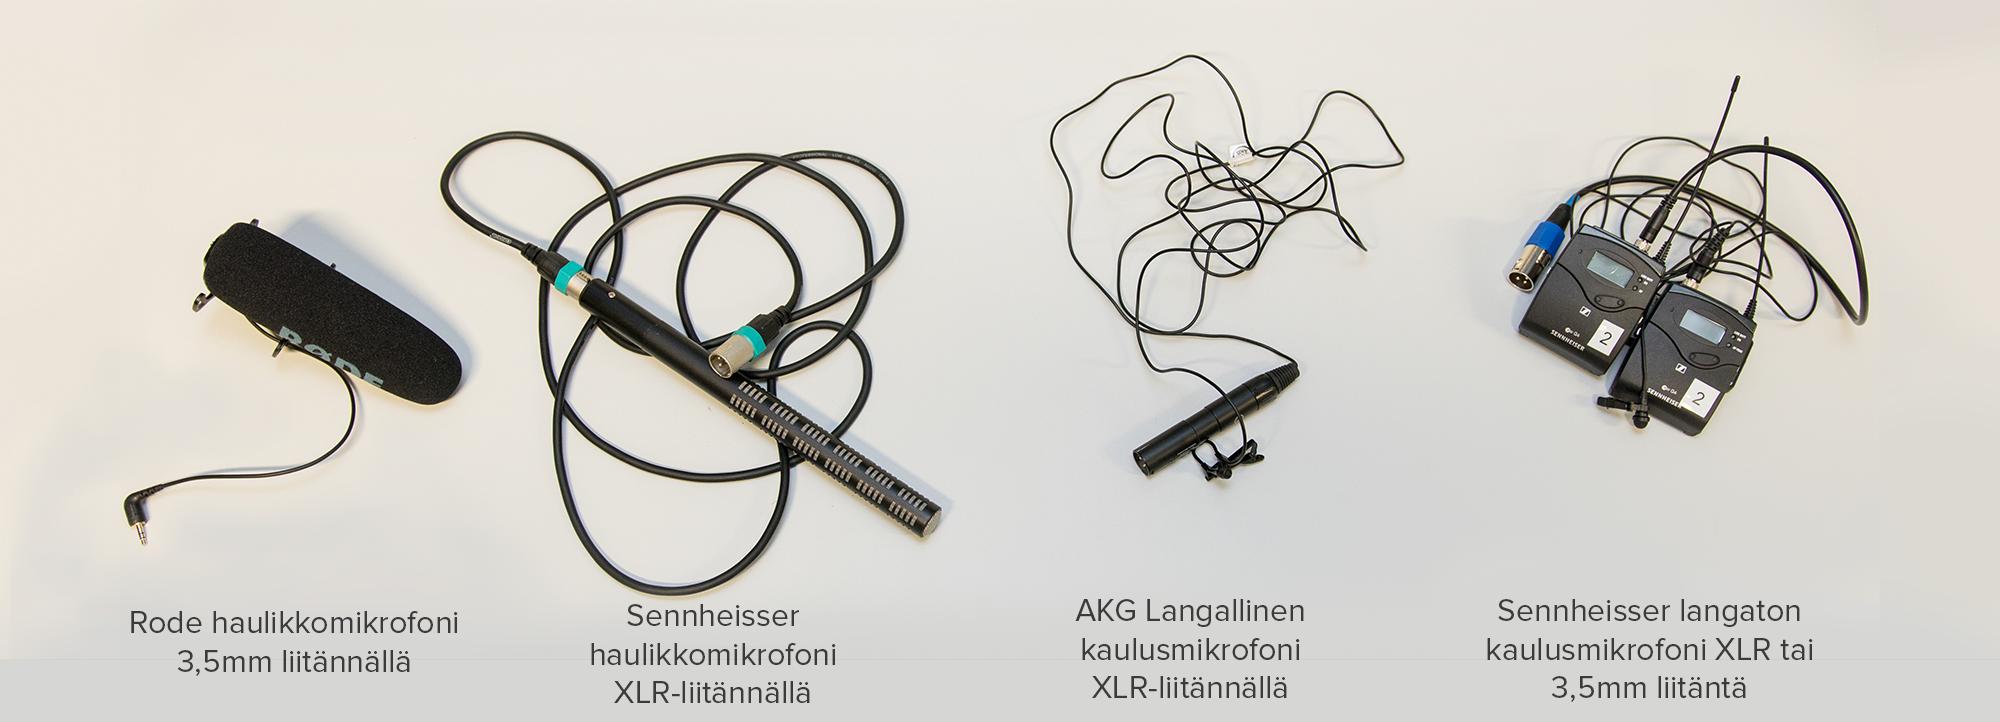 Erilaisia mikrofoneja. Rode haulikkomikrofoni 3,5mm liitännällä. Sennheiser haulikkomikrofoni XLR-liitännällä. AKG langallinen kaulusmikrofoni XLR-liitännällä. Sennheiser langaton kaulusmikrofoni XLR tai 3,5mm liitännällä.